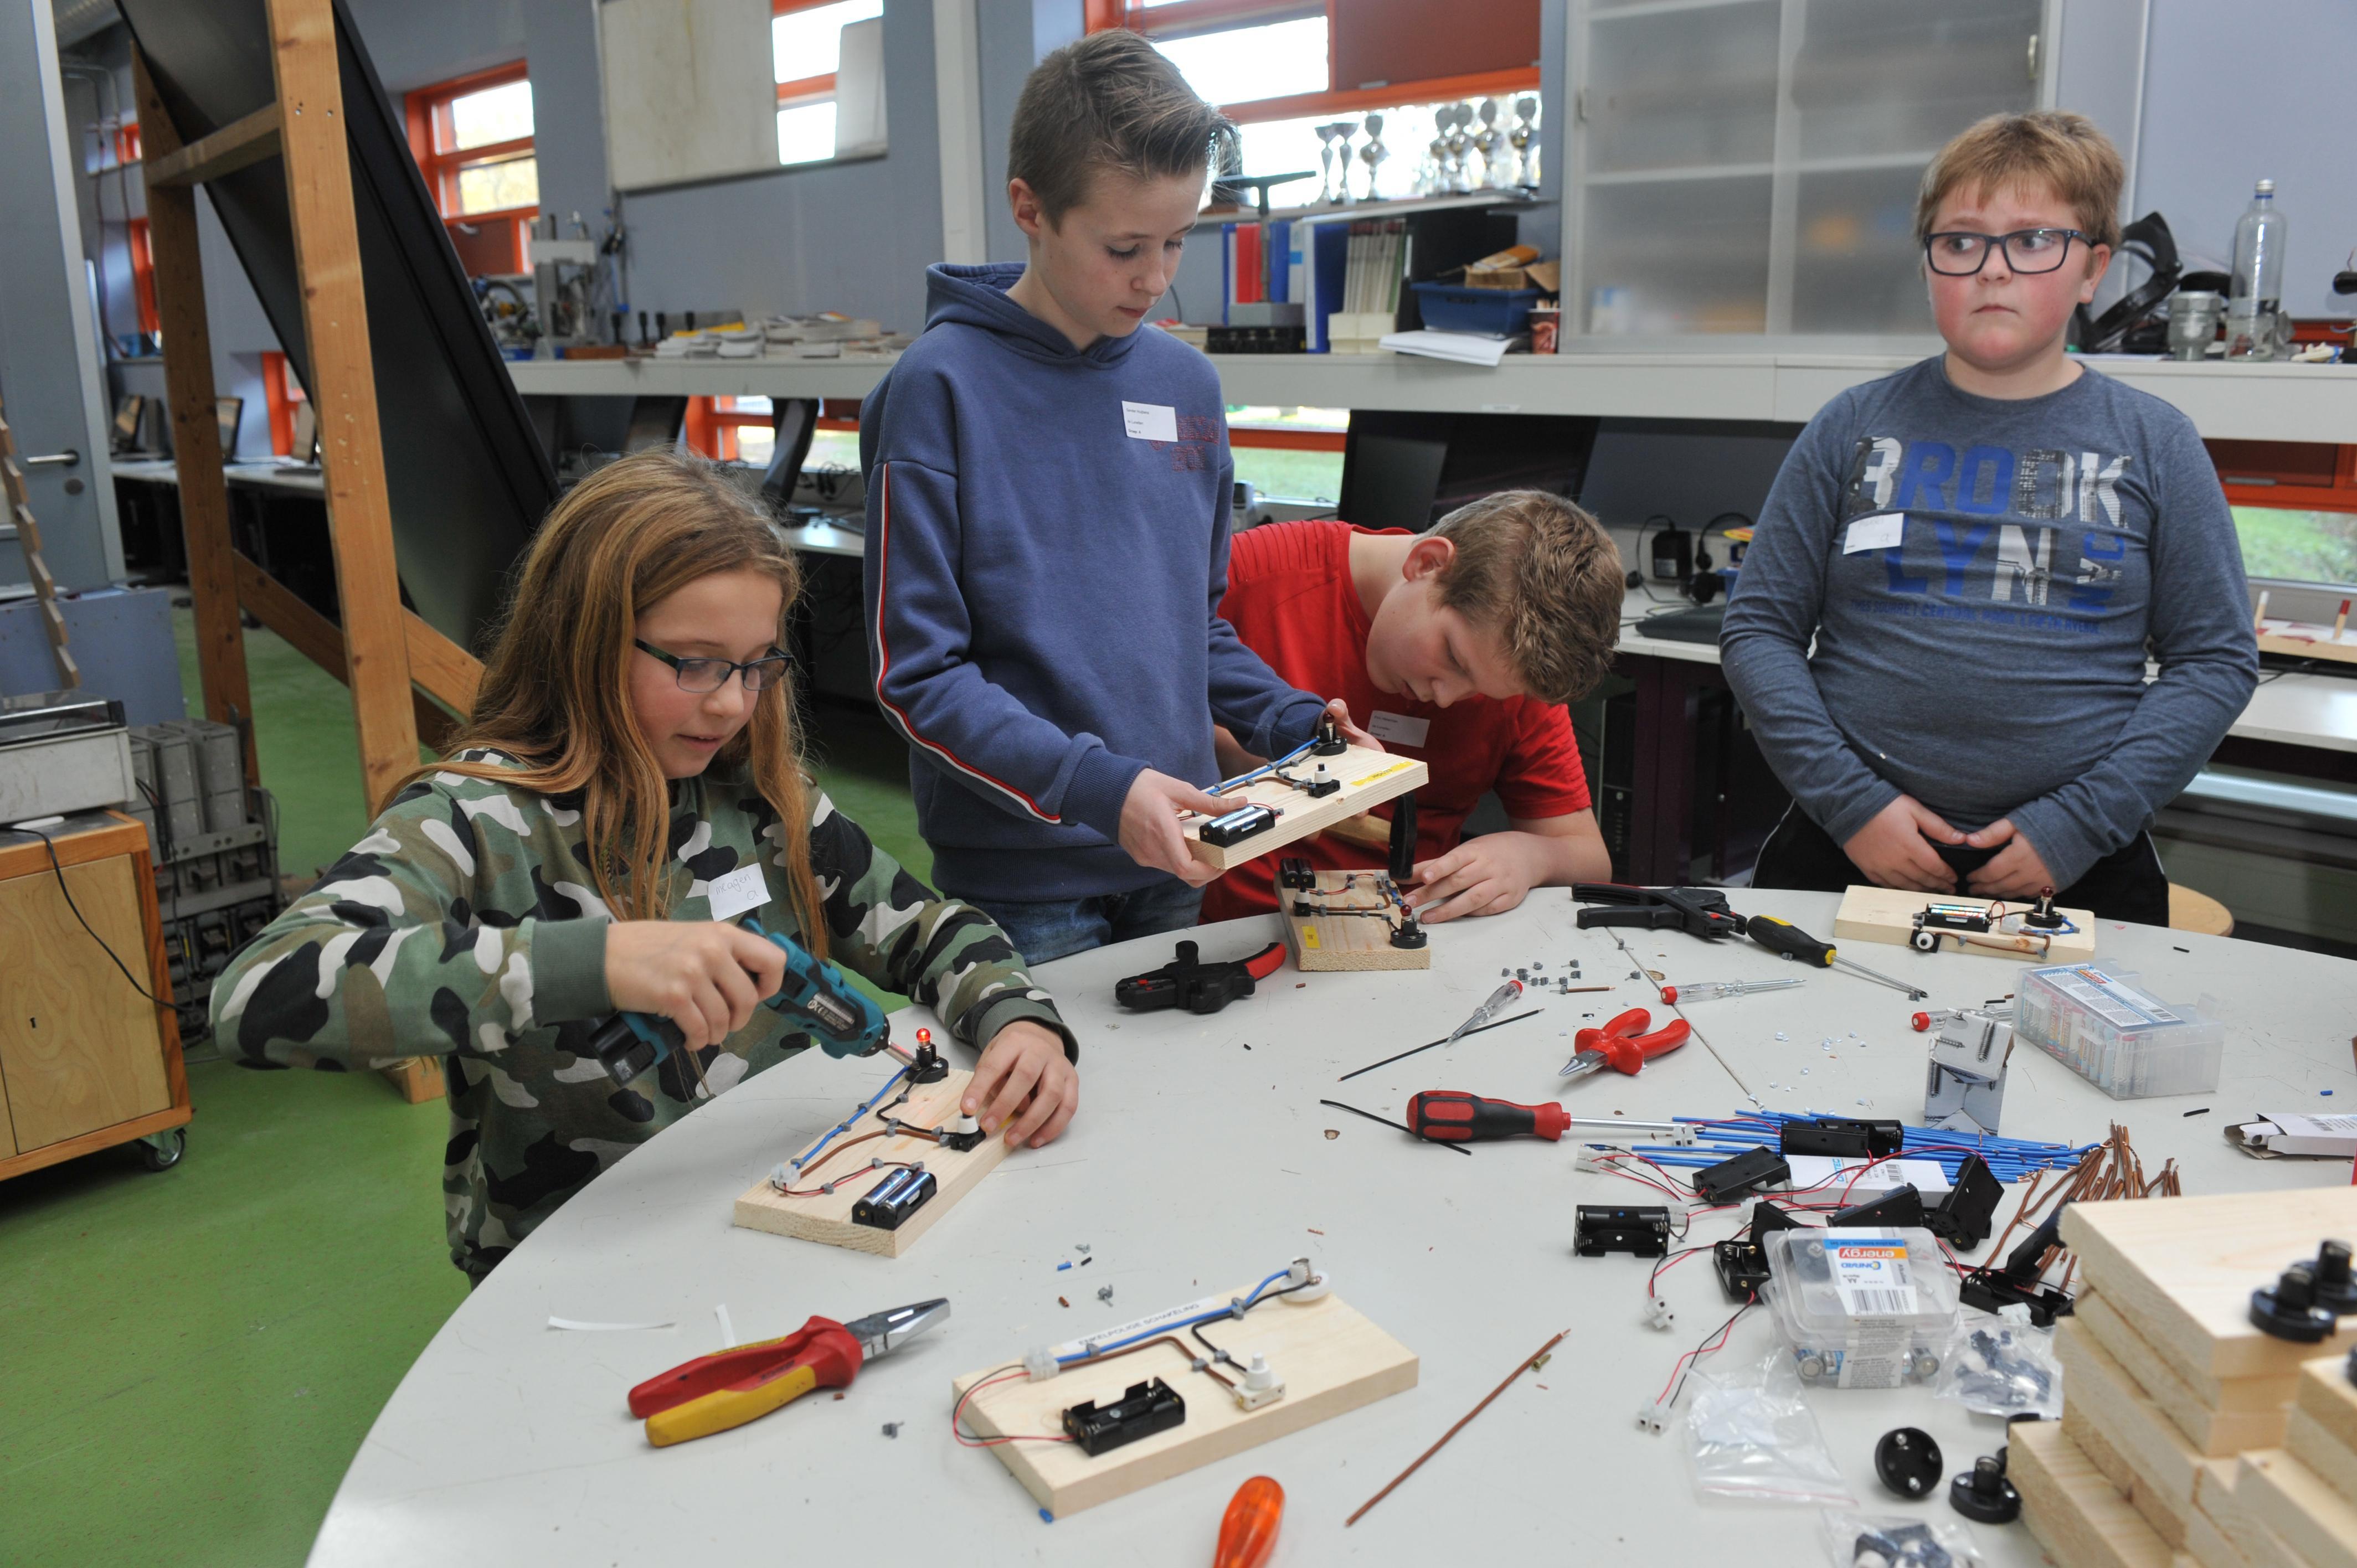 Open lessen techniek Kennemer College in Heemskerk veel drukker bezocht dan voorgaande jaren: 'Blijft lastig om kinderen te enthousiasmeren voor techniek'